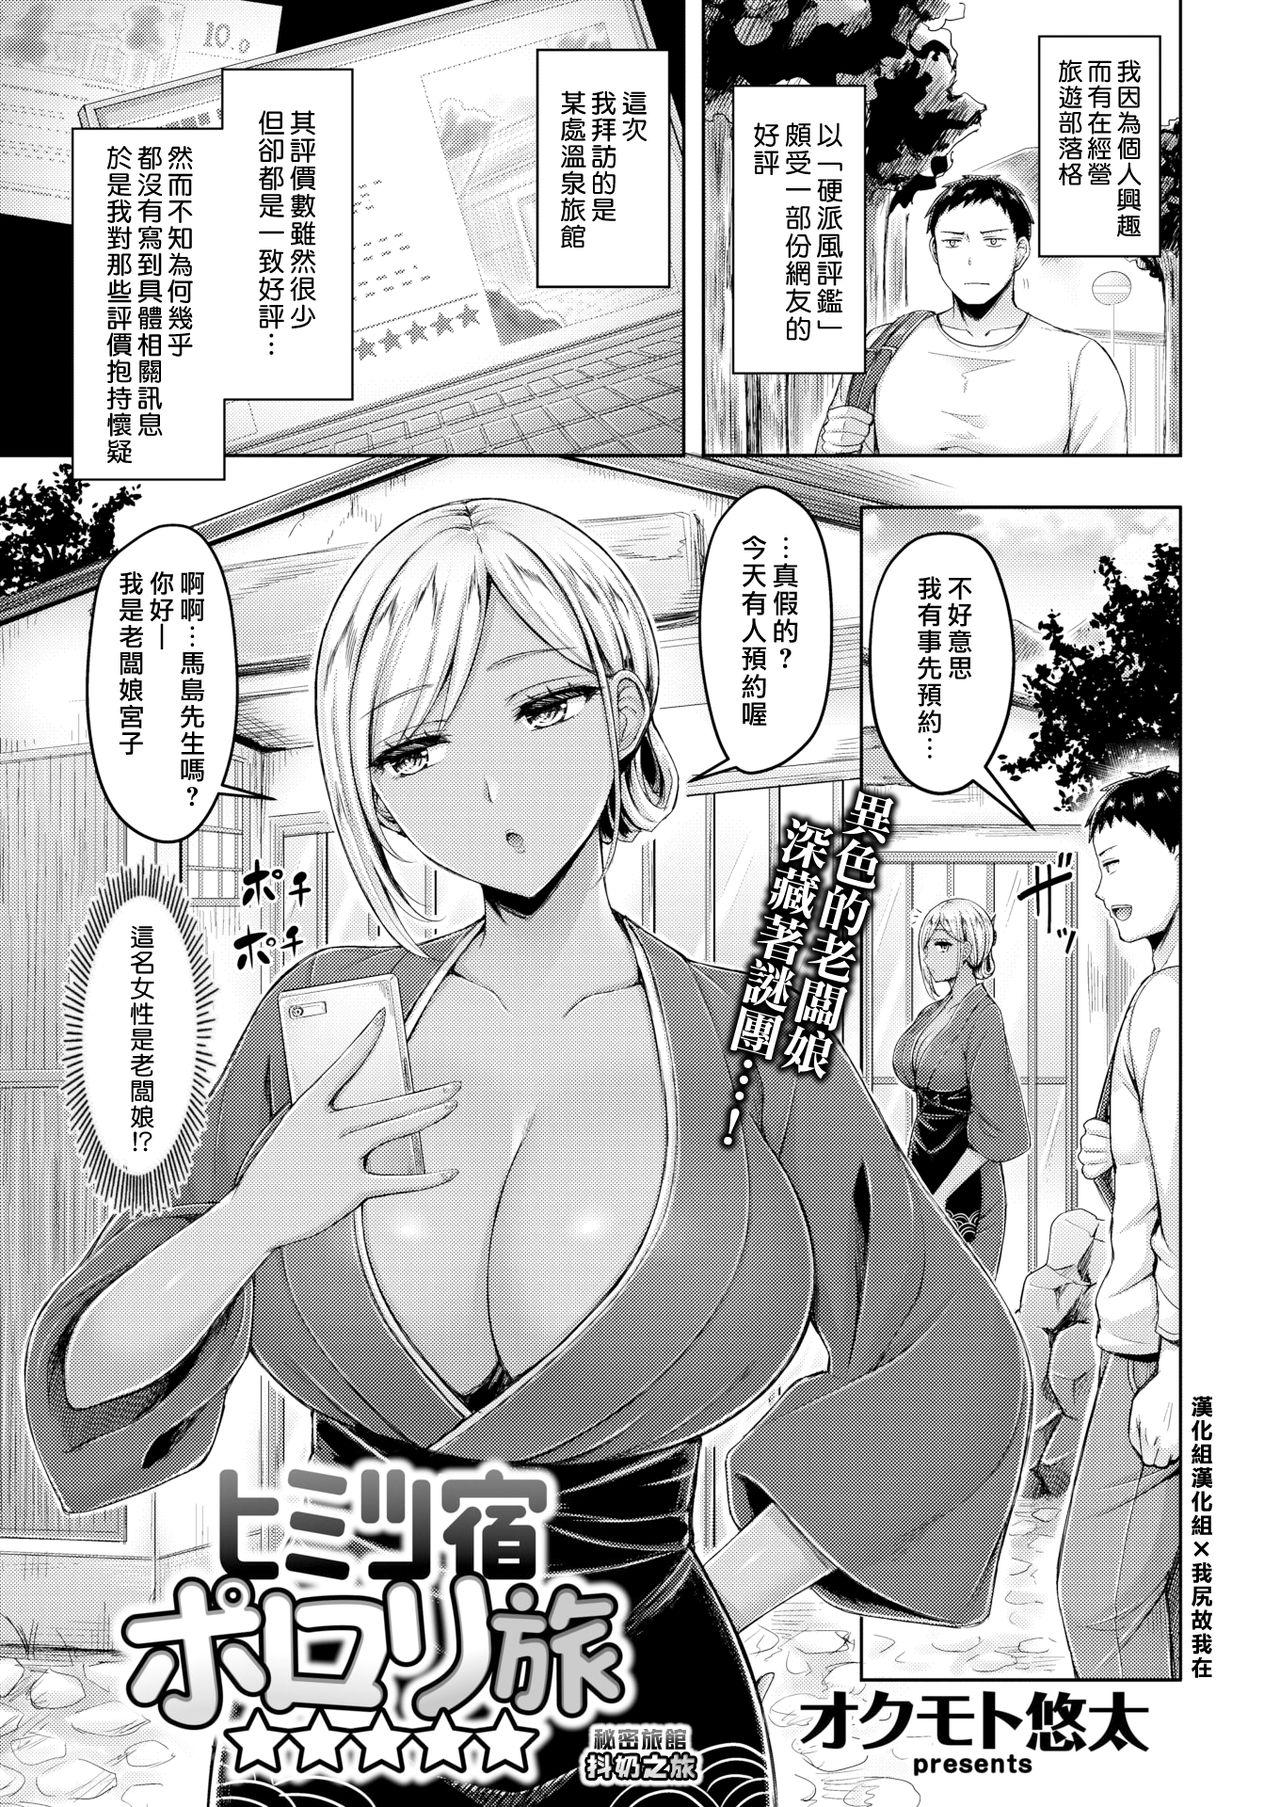 [オクモト悠太] ヒミツ宿ポロリ旅☆☆☆☆☆ - 情色卡漫 -